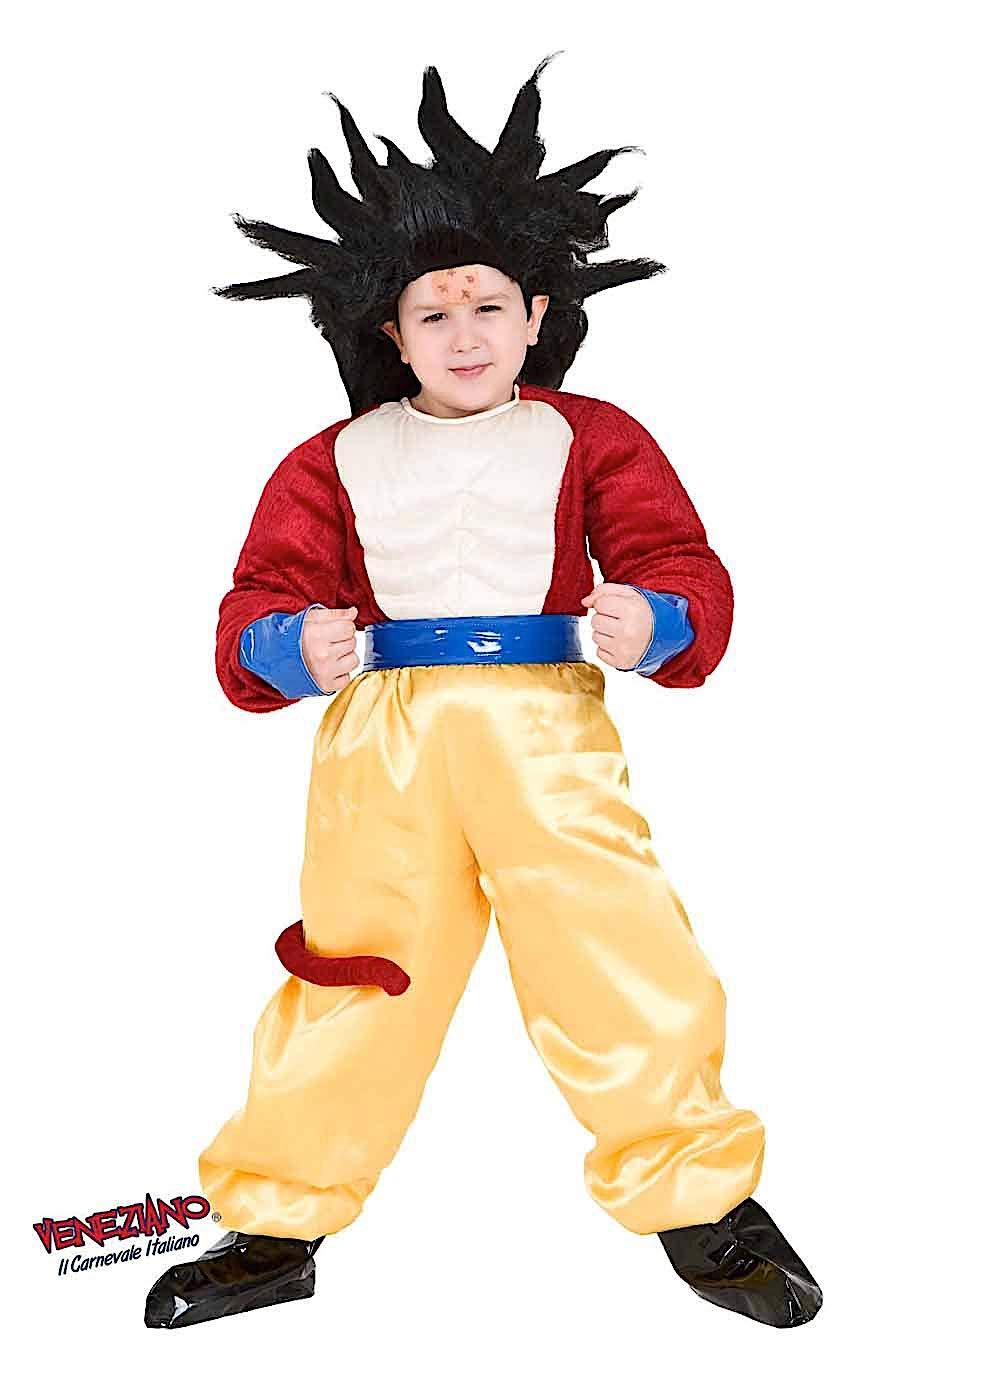 Costume di Carnevale da Dragon GT Vestito per Ragazzo Bambino 7-10 Anni Travestimento Veneziano Halloween Cosplay Festa Party 8115 Taglia 9 L